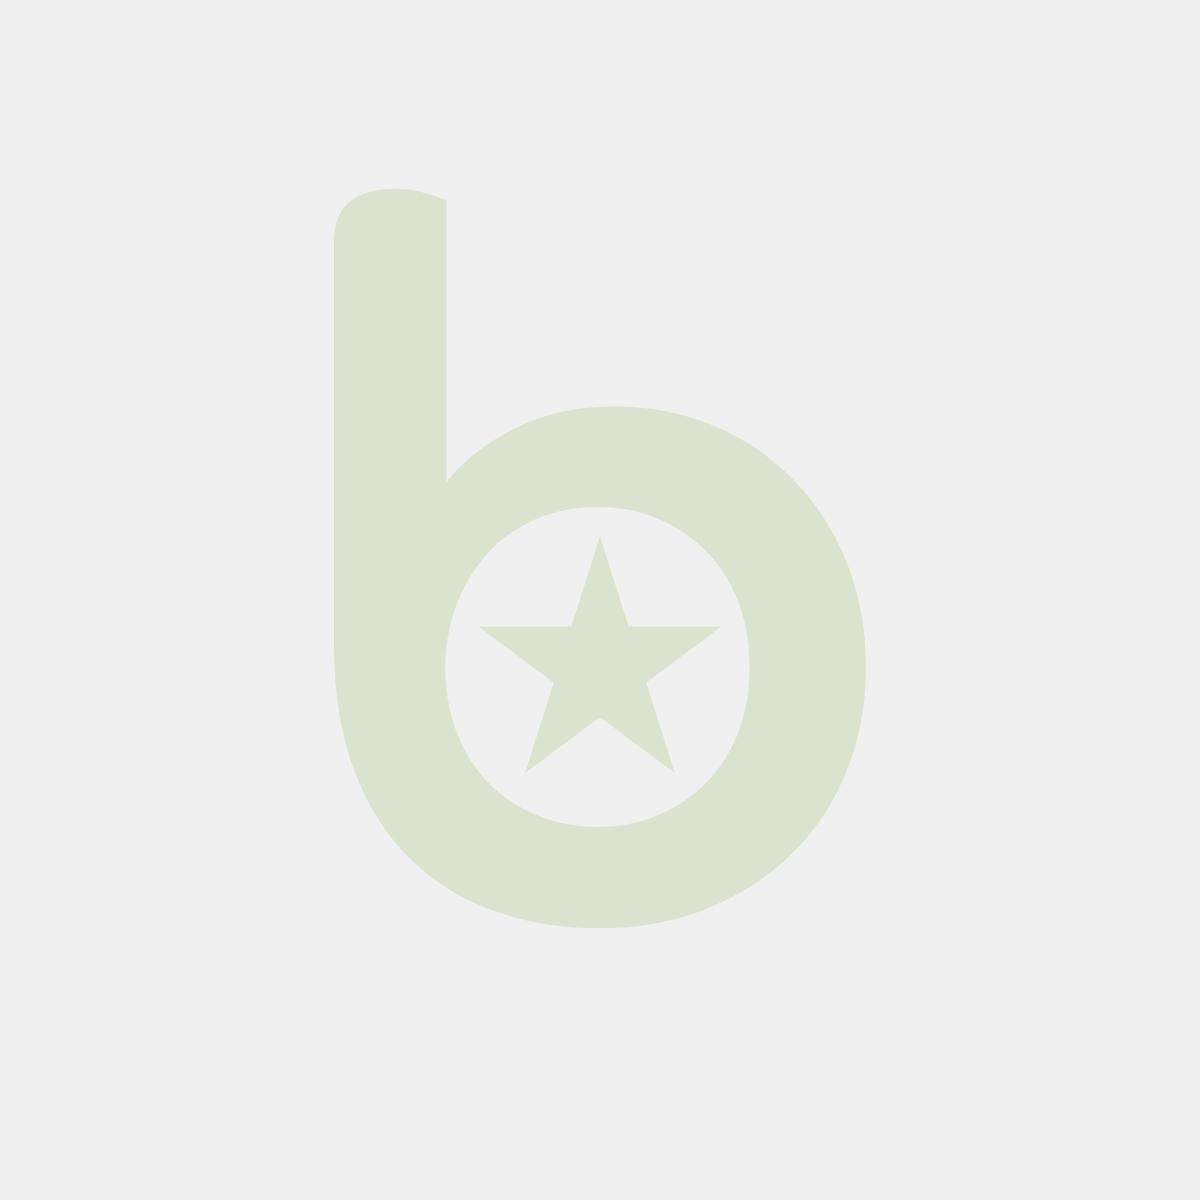 GREENBAG torba PP Tutti Frutti 26L 340x220x340